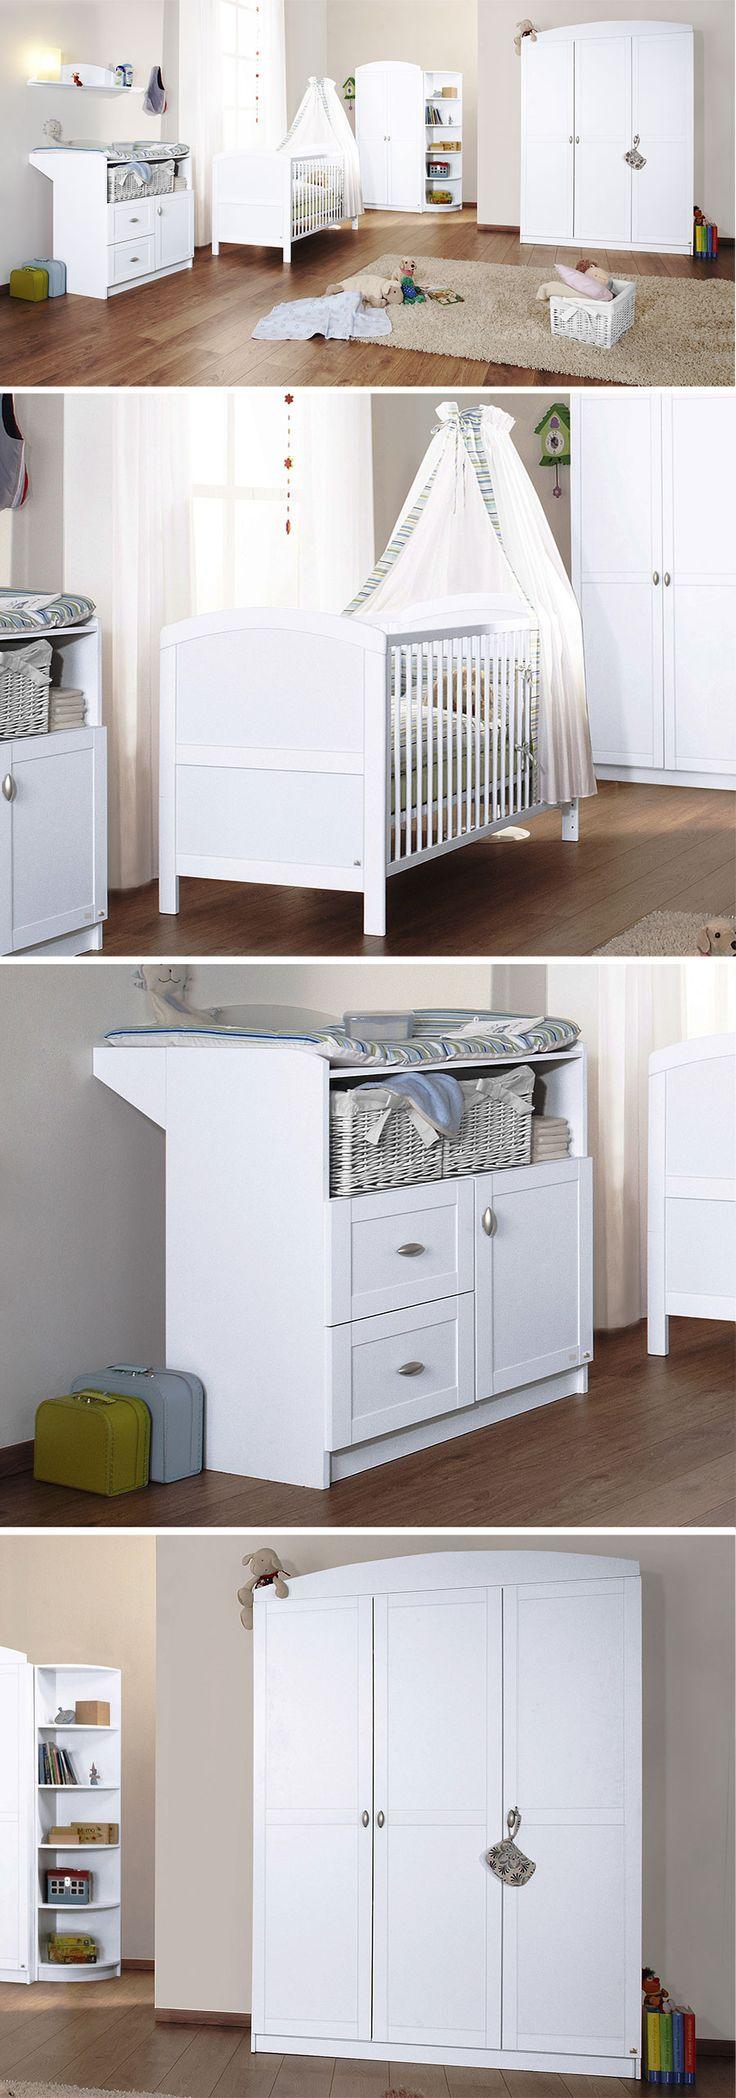 Babyzimmer zwillinge komplett  Best 25+ Komplett babyzimmer ideas on Pinterest | Babyzimmer ideen ...